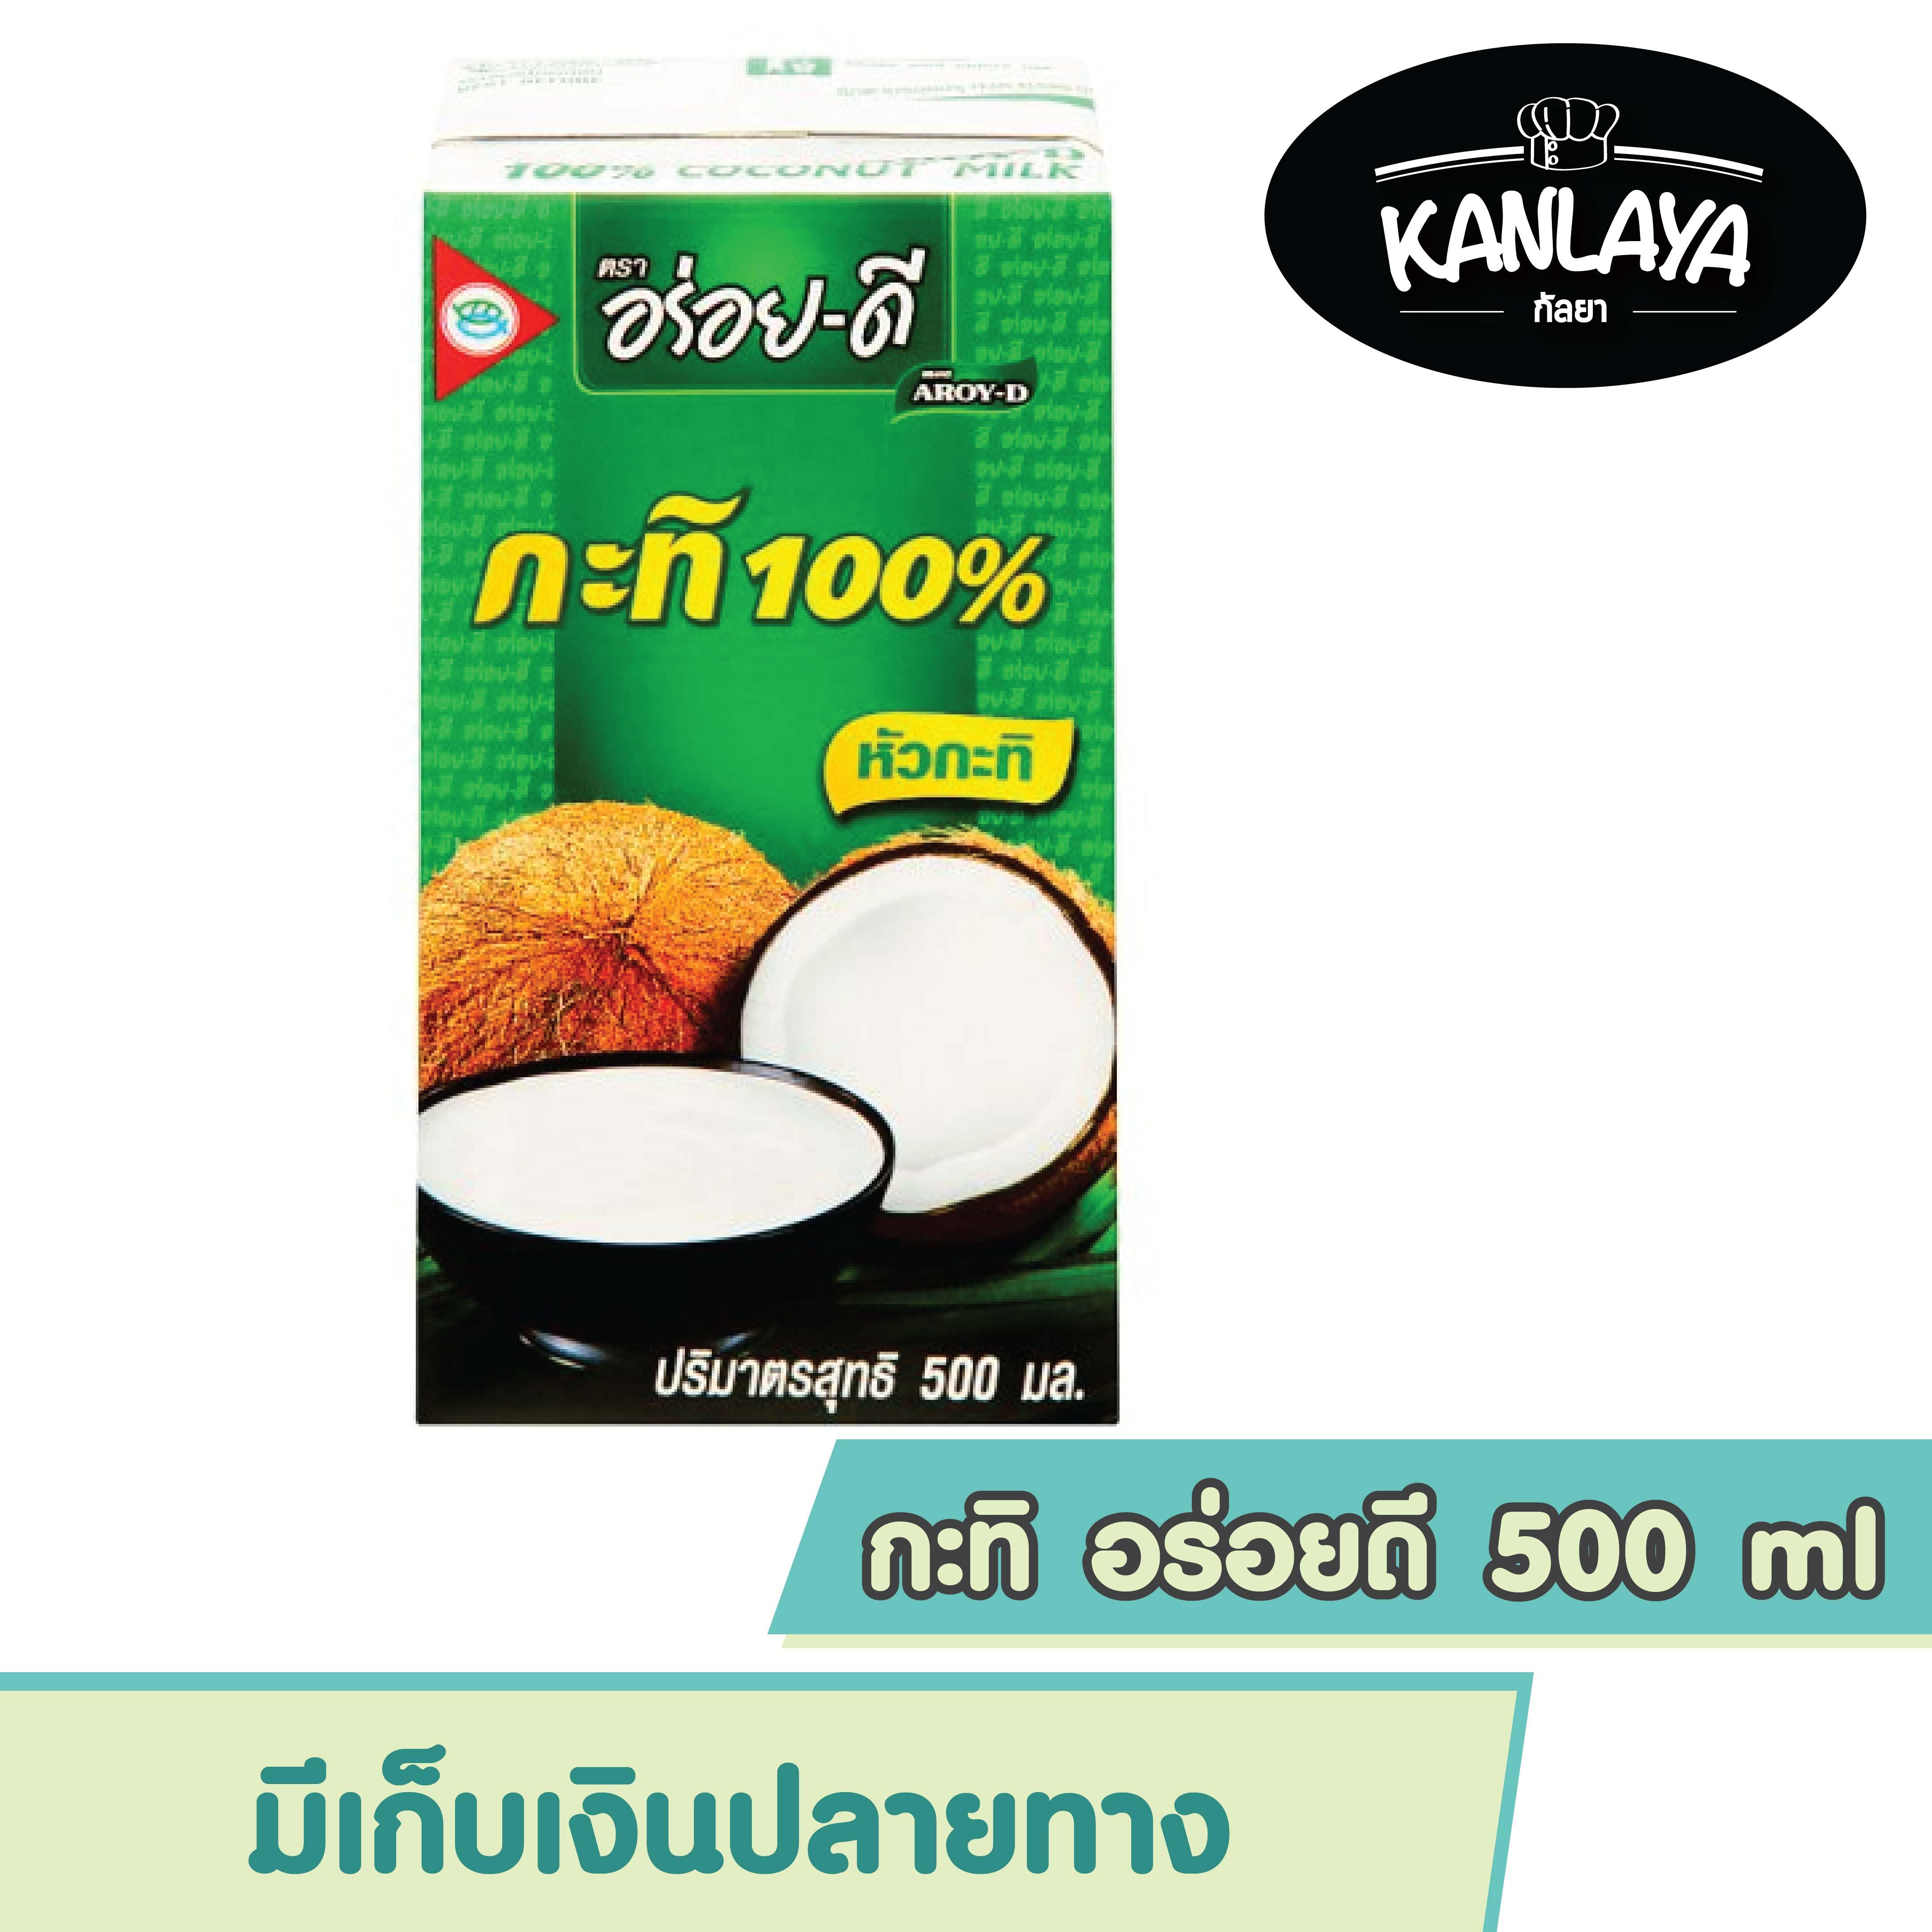 Y-H กะทิ อร่อยดี 500 ml.